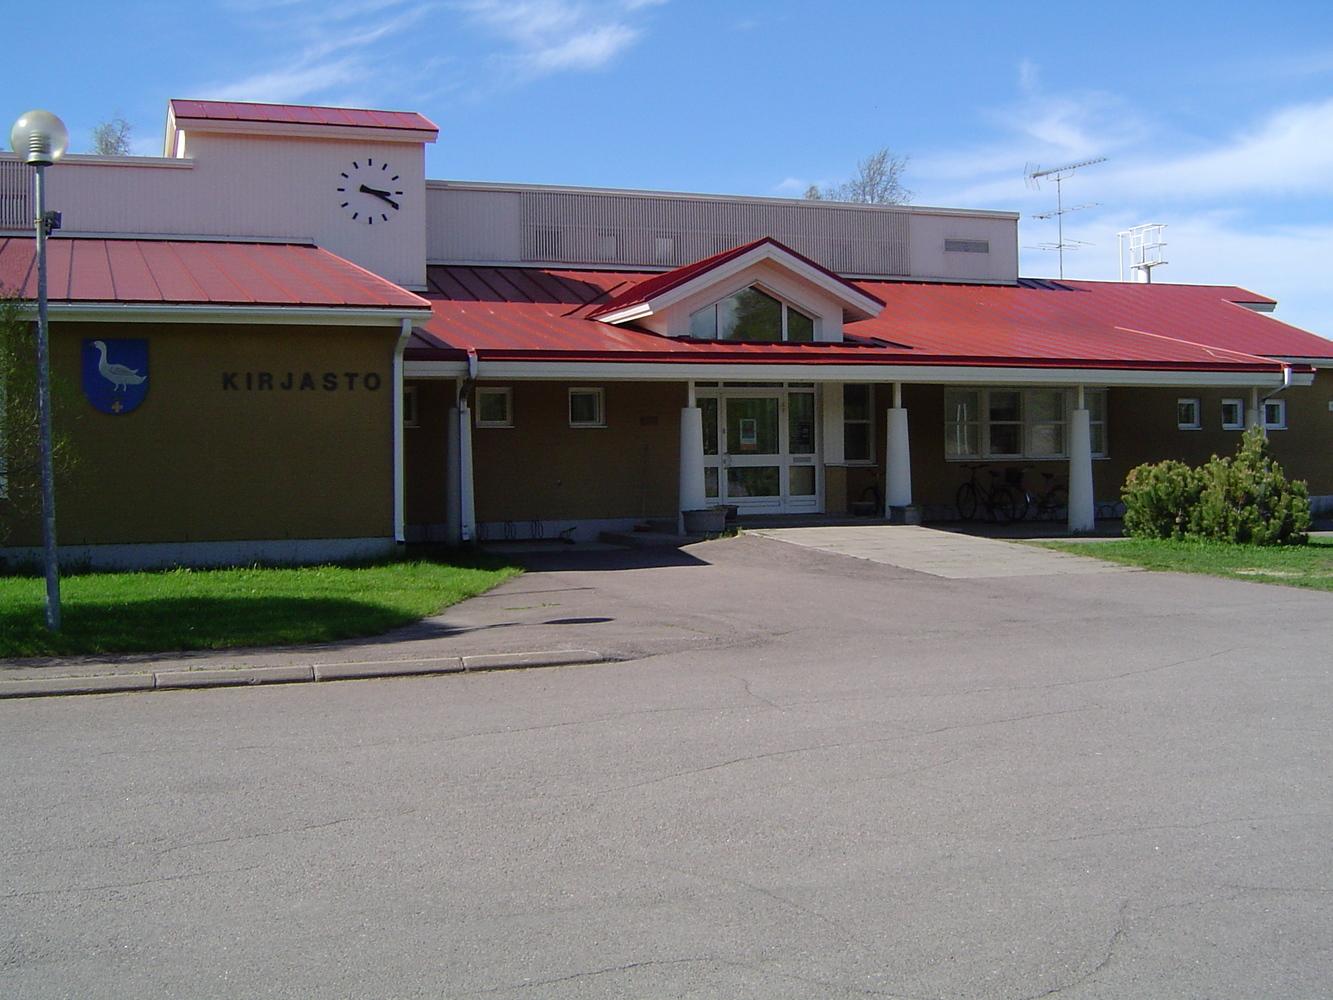 Pyhäjoen kirjasto